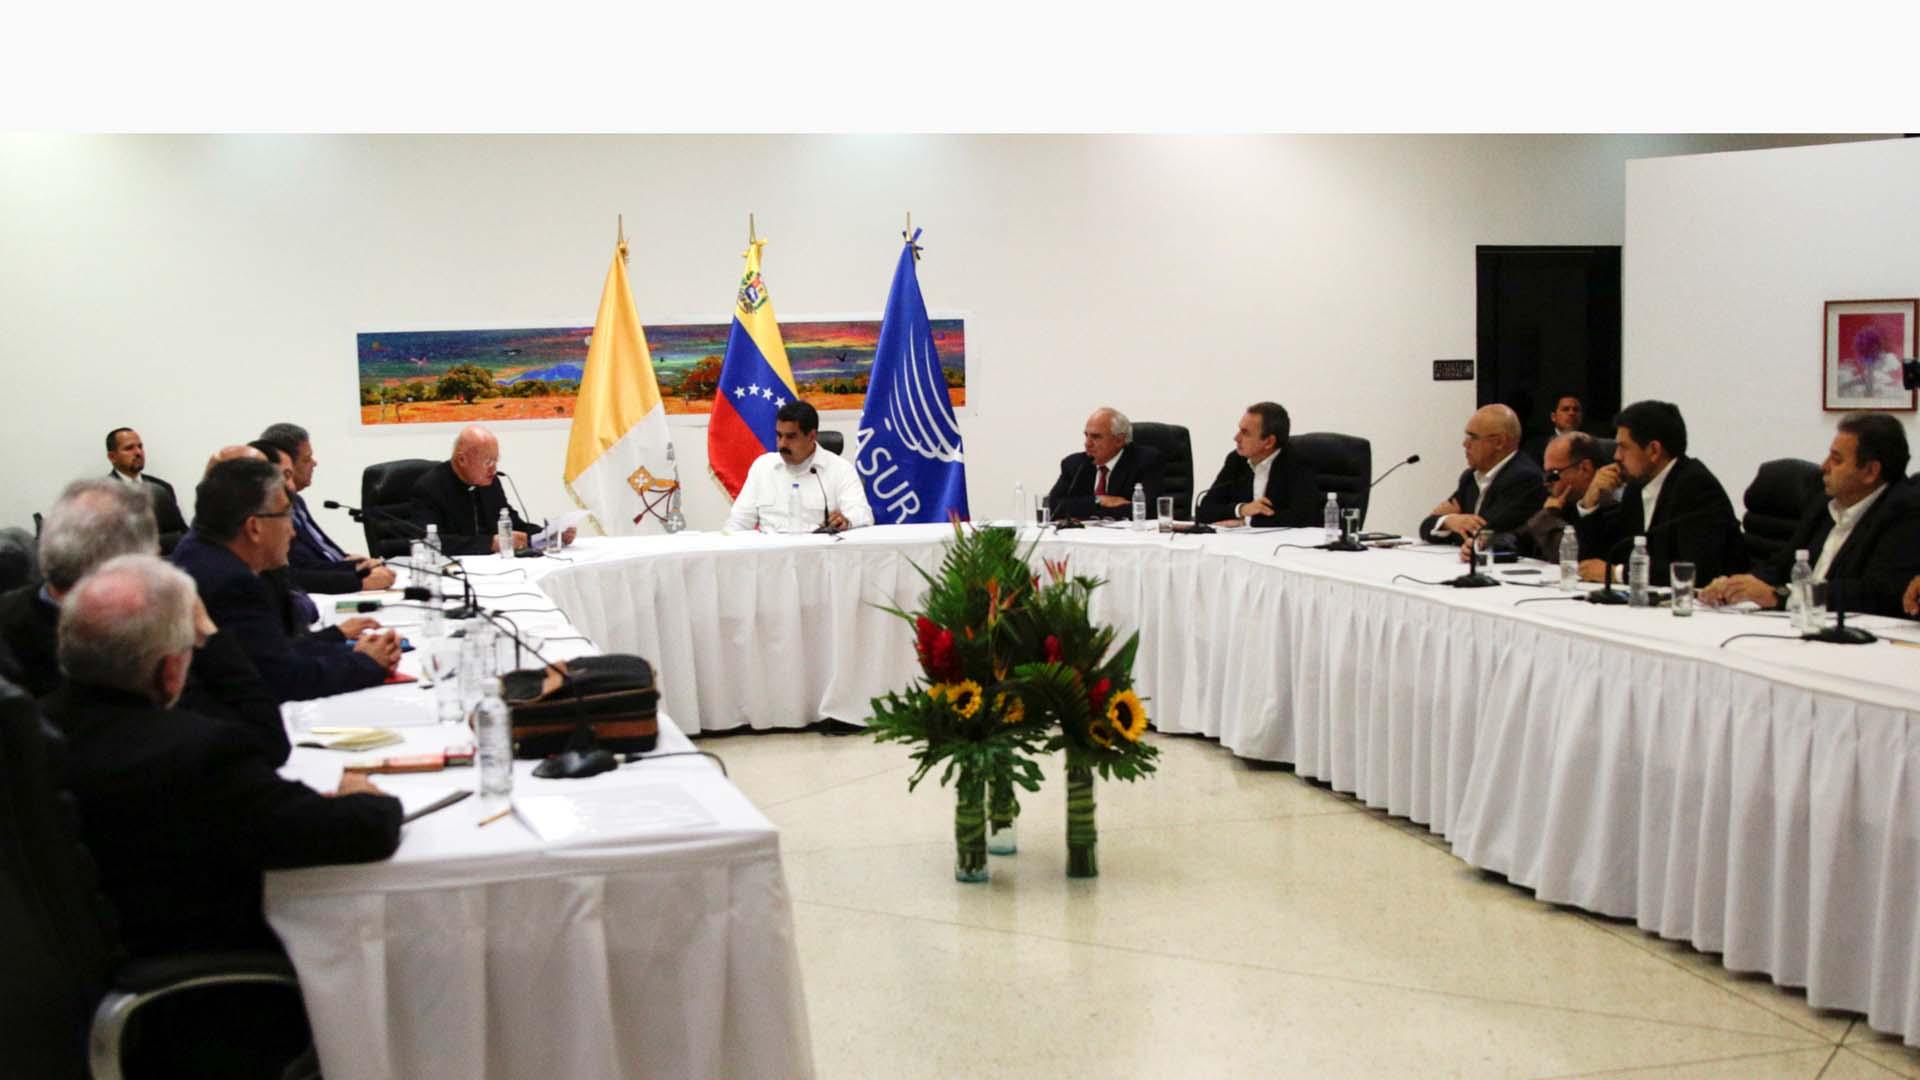 La agenda terminó con ocho puntos claves y la próxima reunión, también en la capital, será el 11 de noviembre